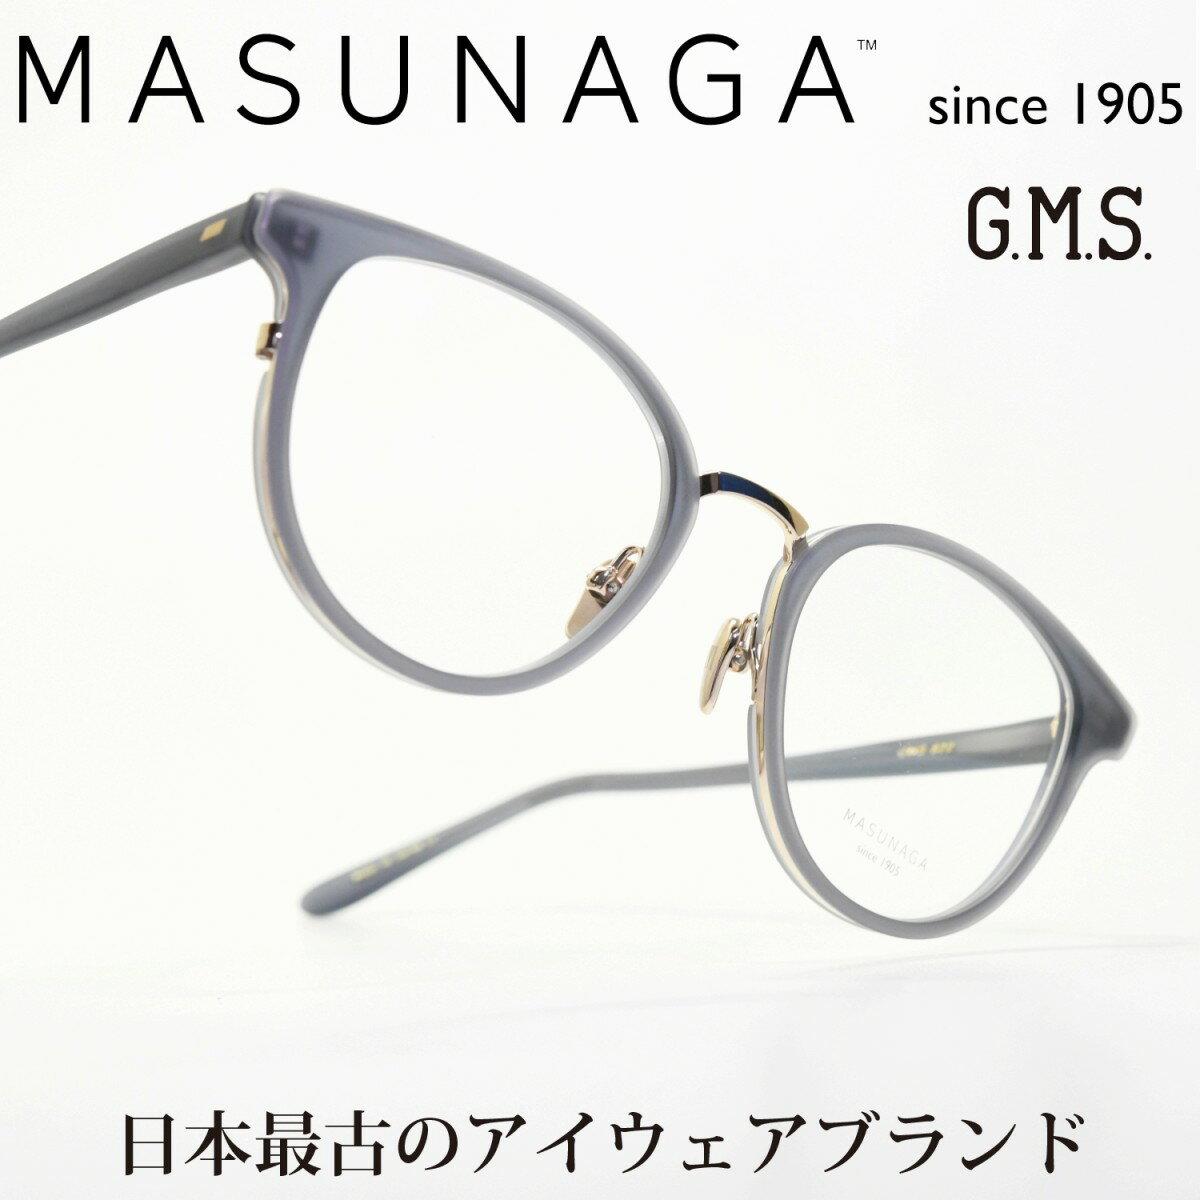 眼鏡・サングラス, 眼鏡  MASUNAGAGMS 822 col-B1 GRY-GP